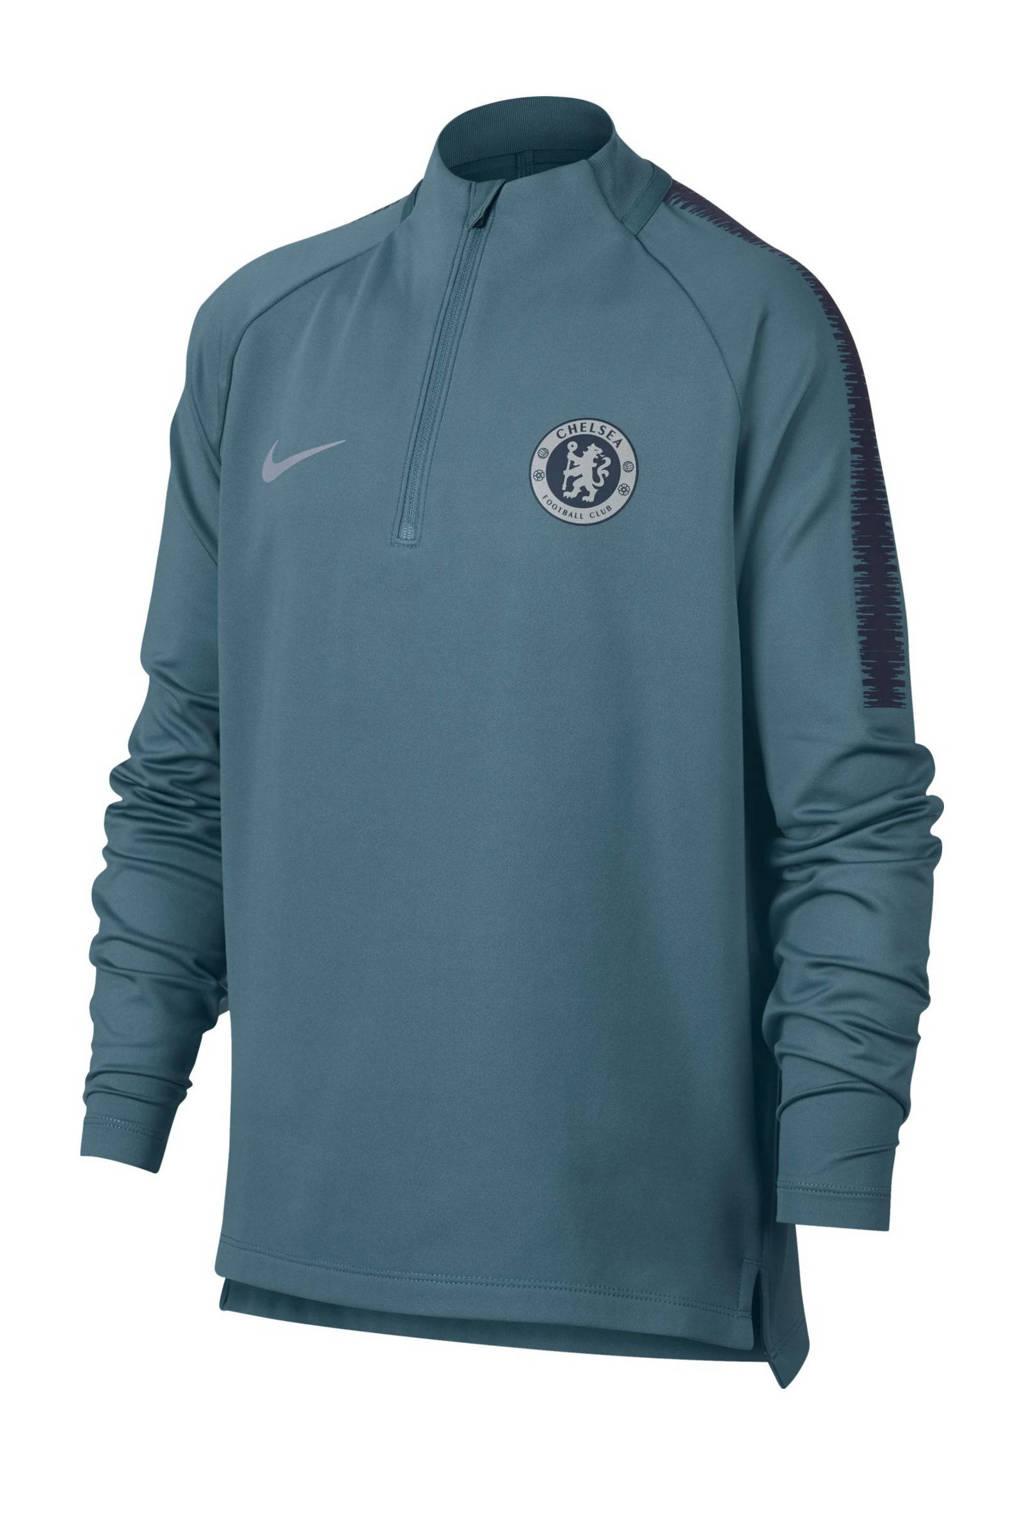 Nike Junior Chelsea  FC voetbalsweater grijsblauw, Grijsblauw